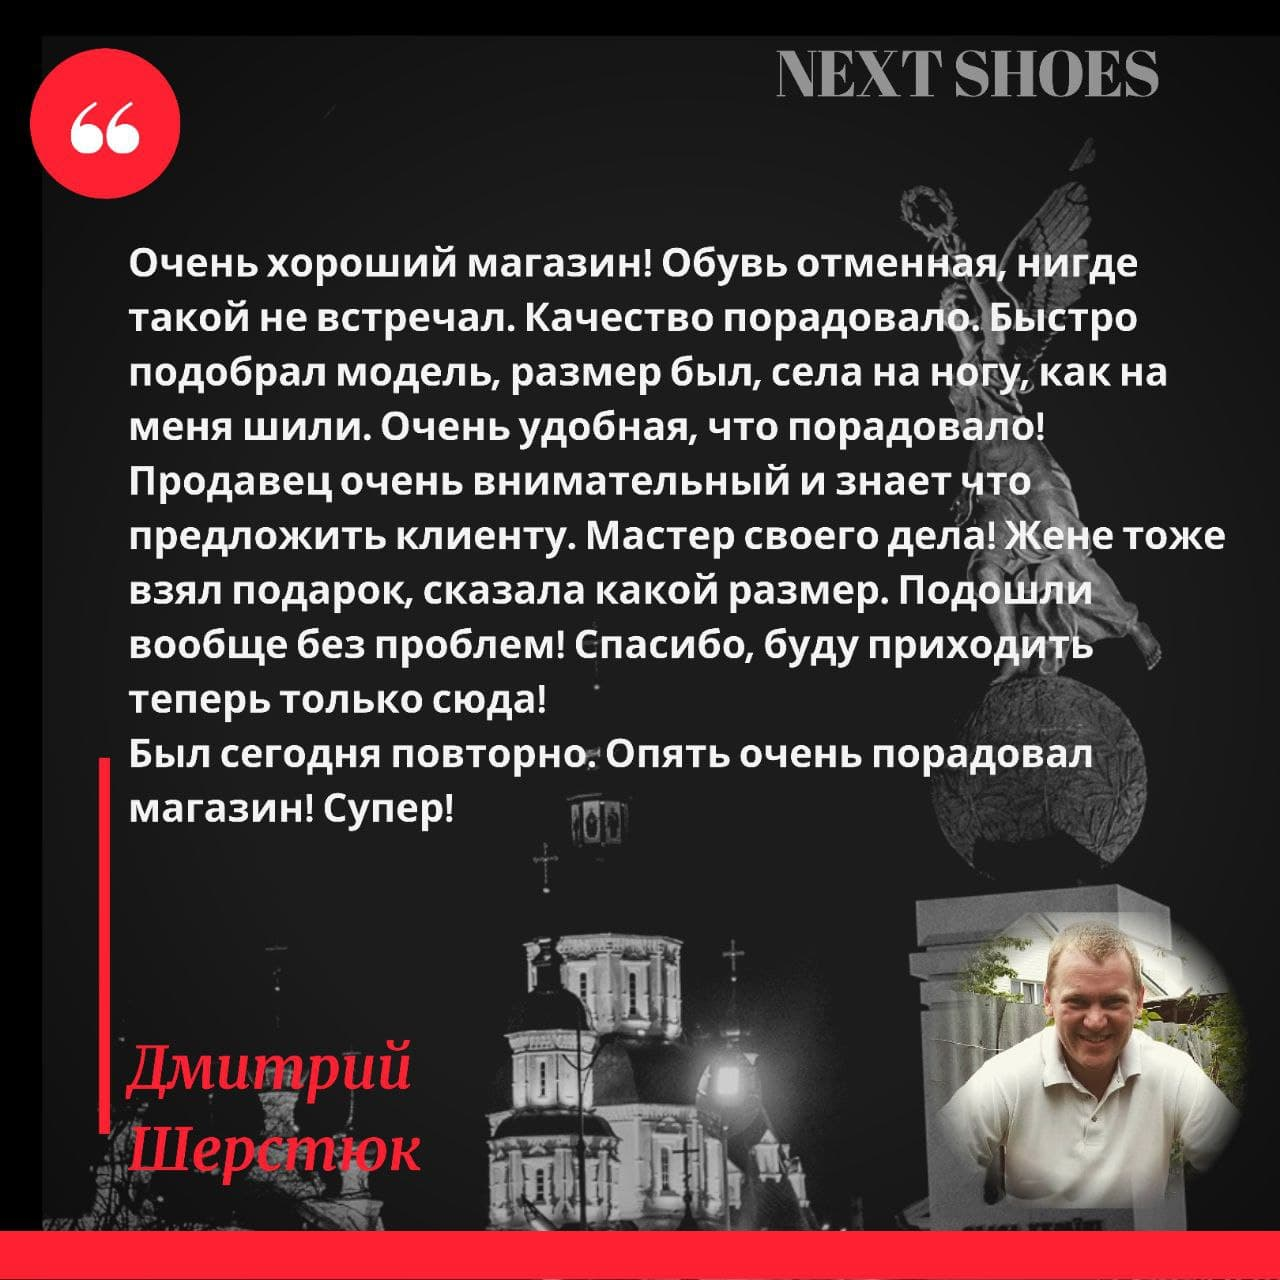 Отзывы об интернет-магазине мужской и женской обуви